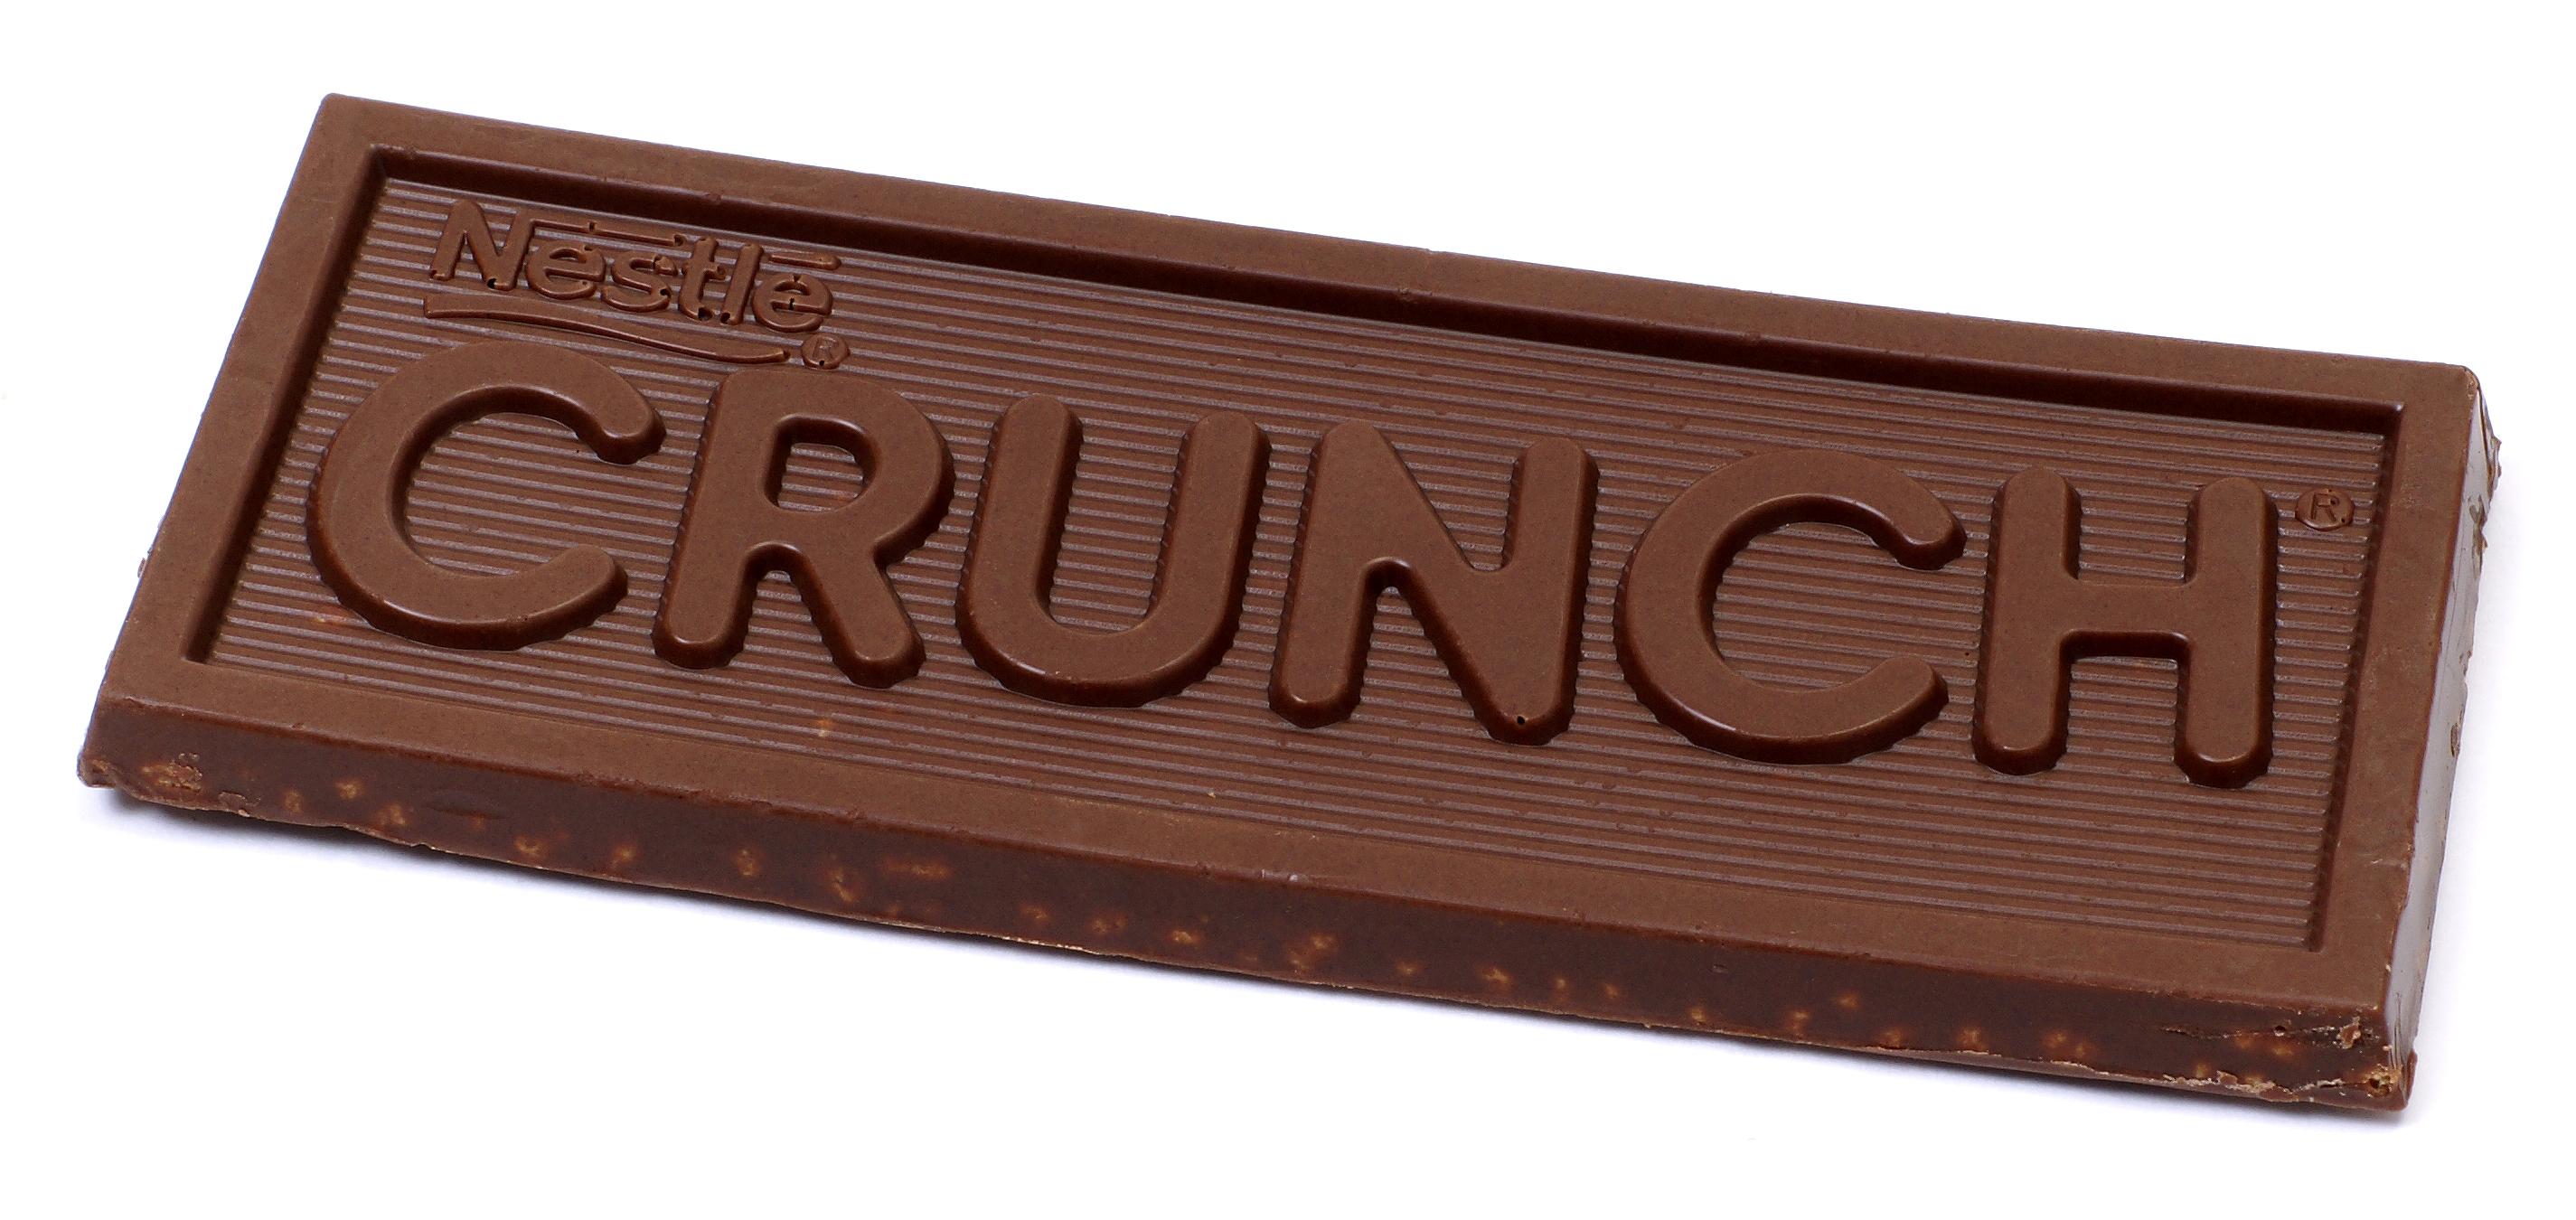 Nestle Crunch Commercial Nestlé Crunch Whole